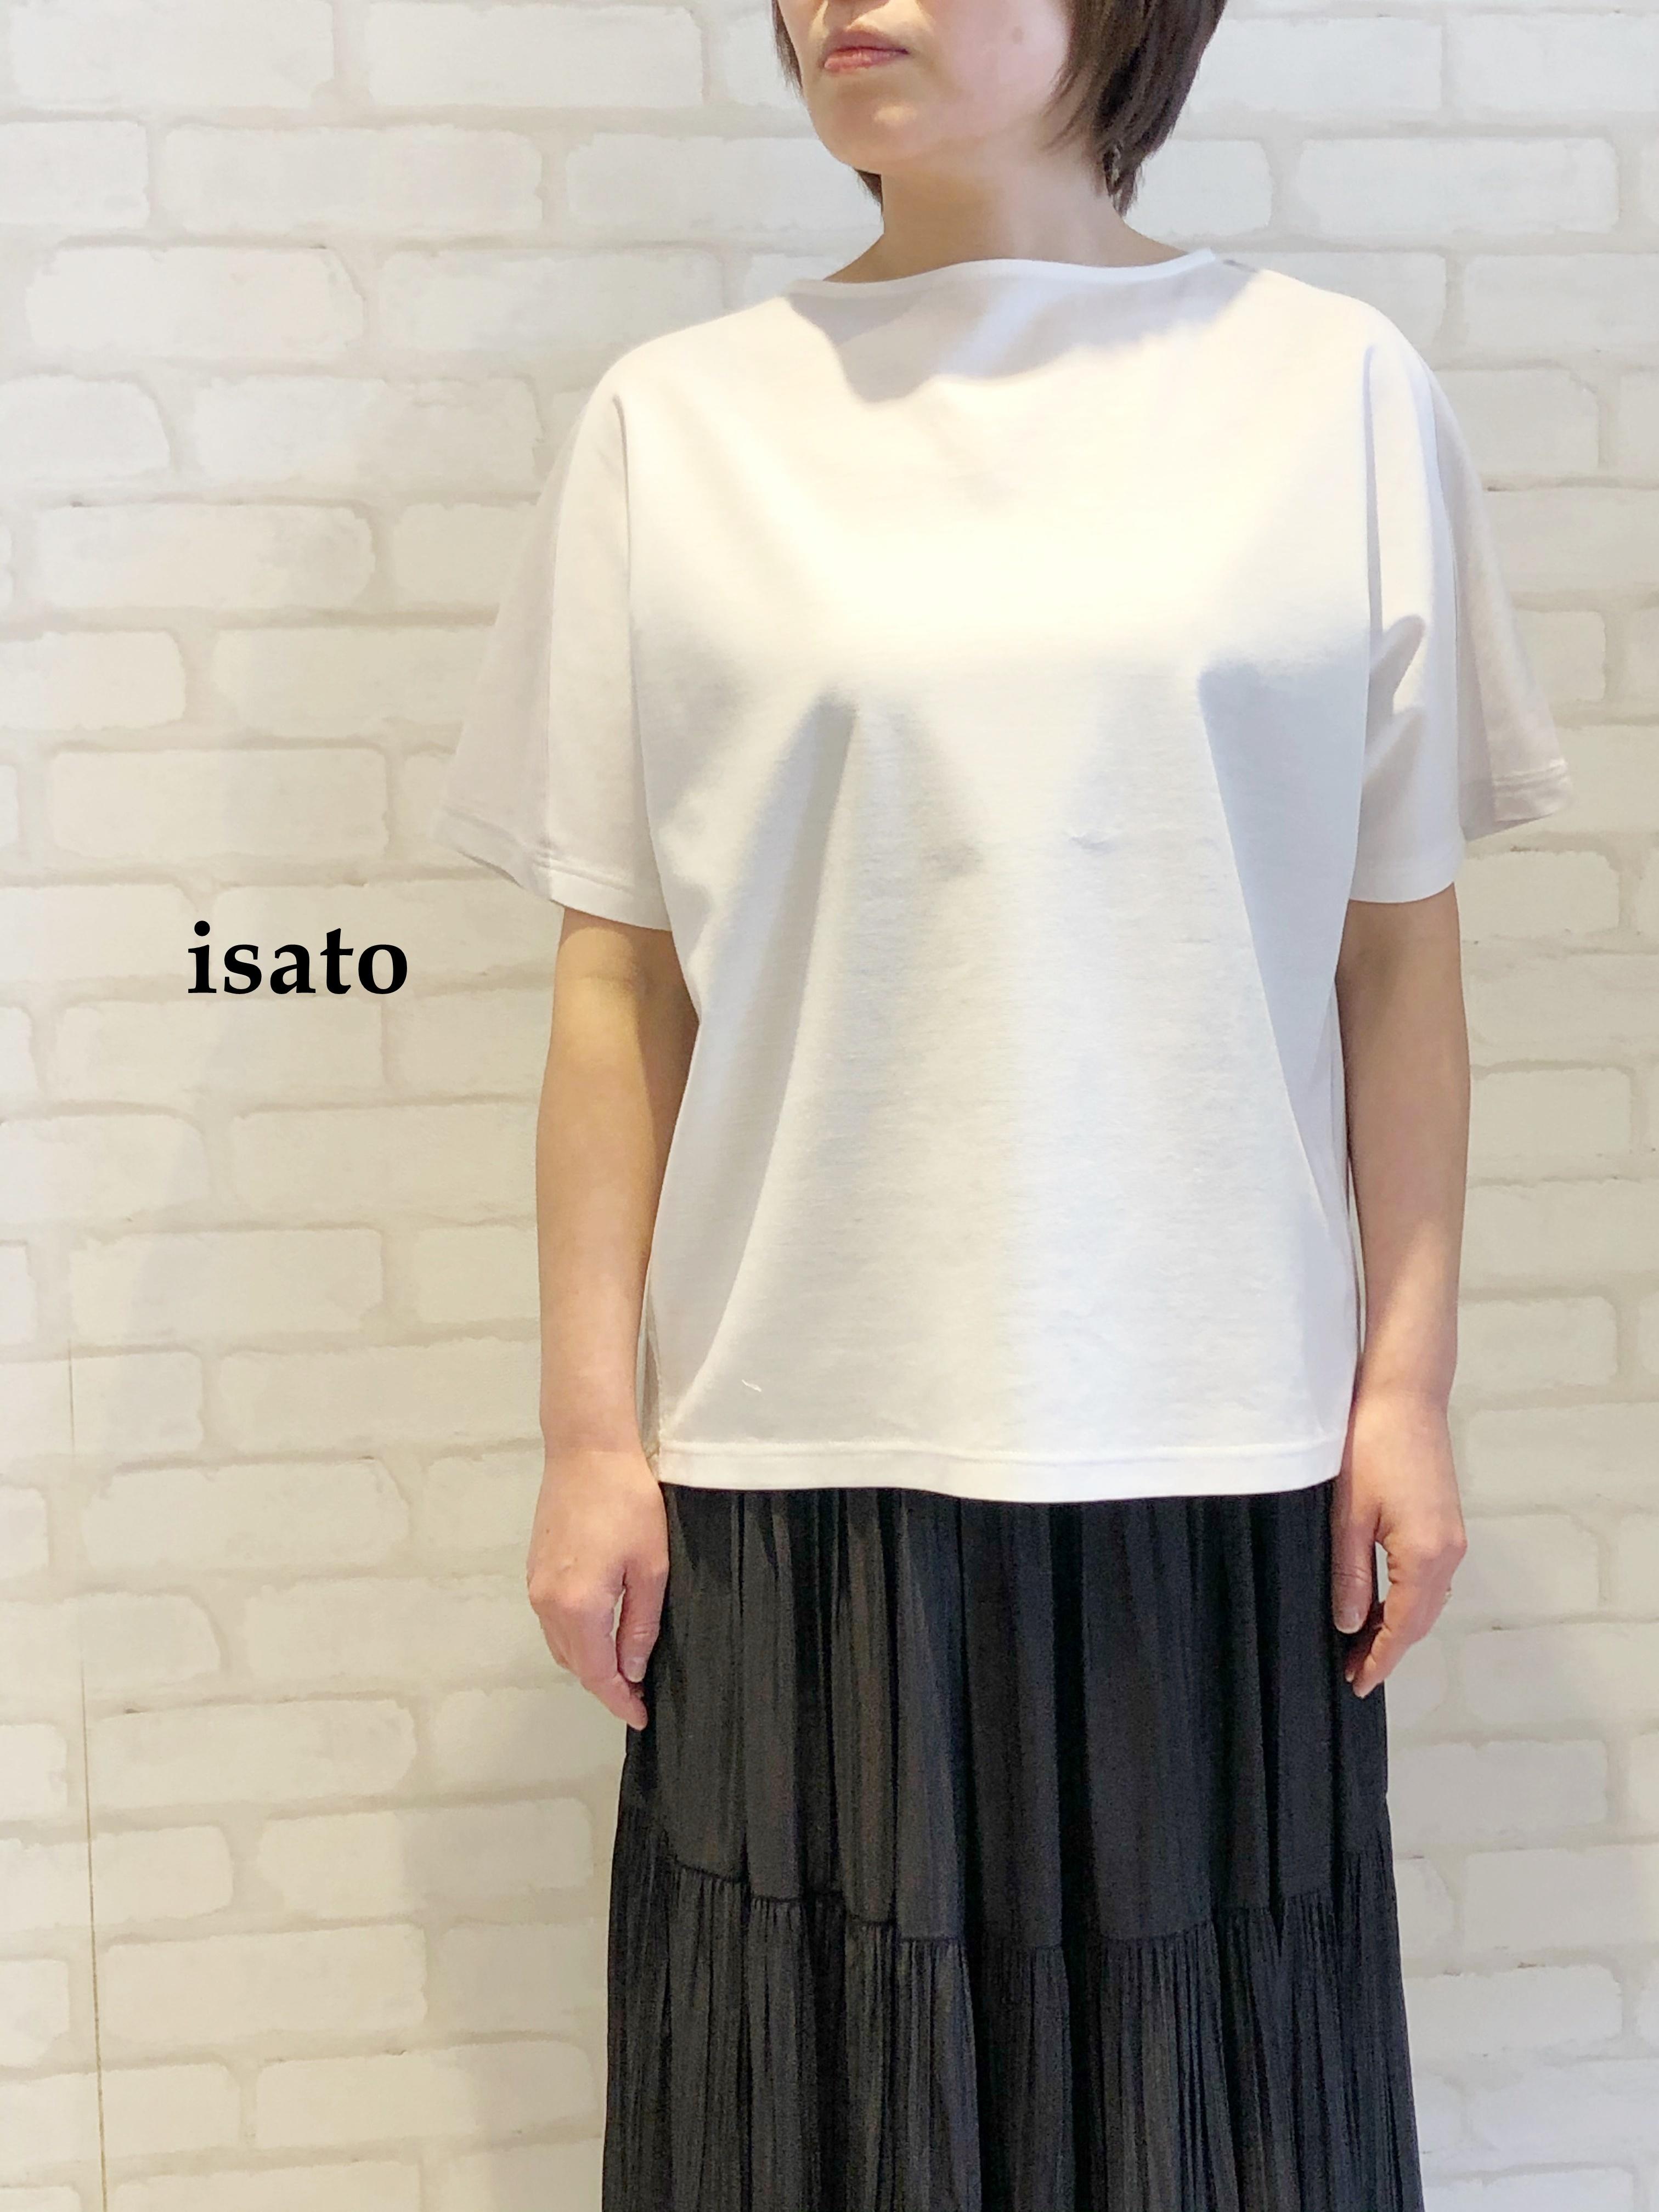 【再入荷】isato/バックタックデザインカットソー/IS-T-061(オフホワイト)